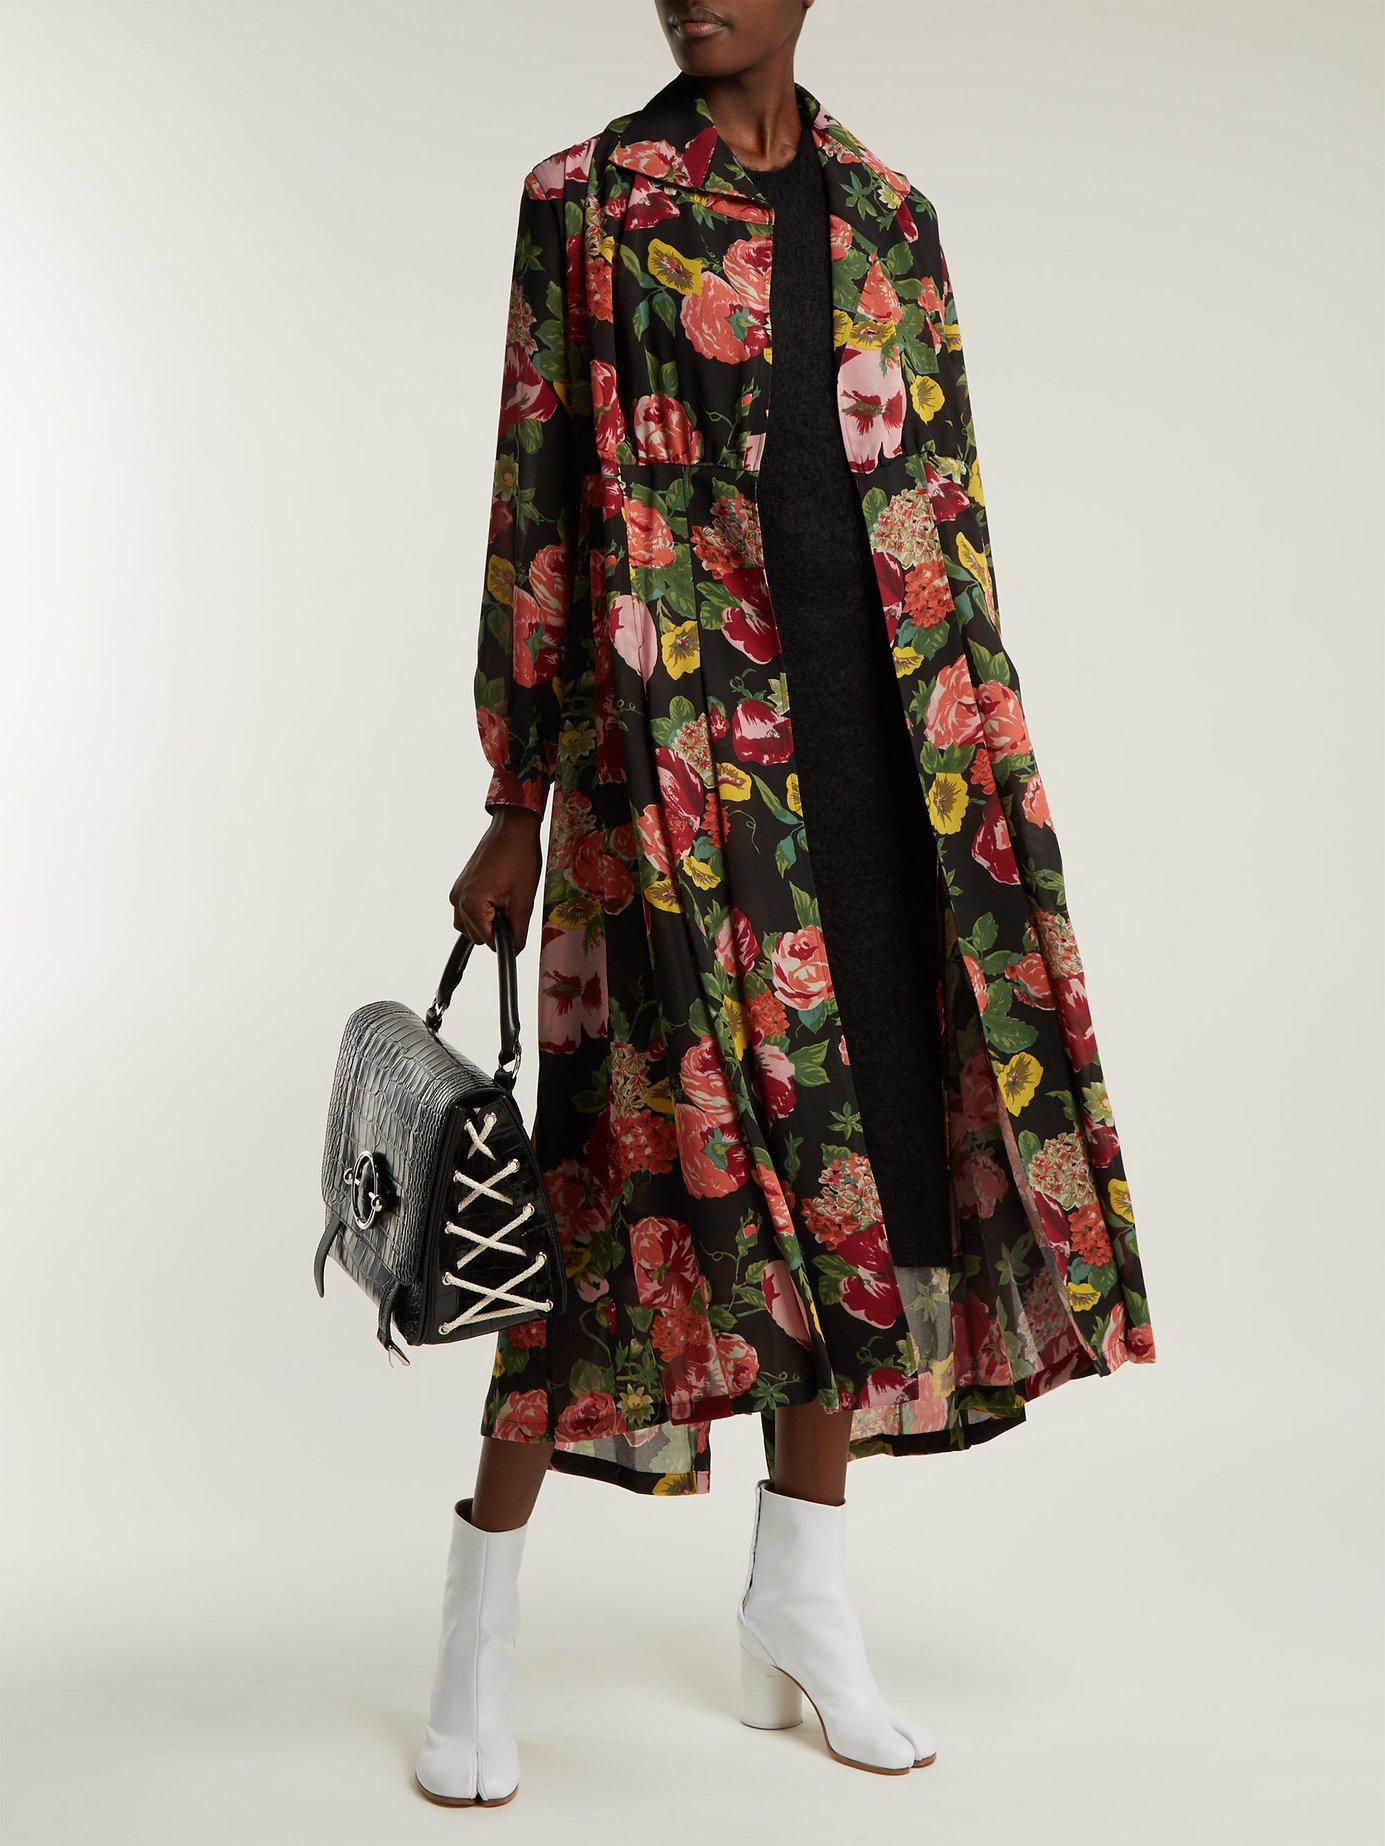 Wool-knit floral-print georgette dress by Junya Watanabe